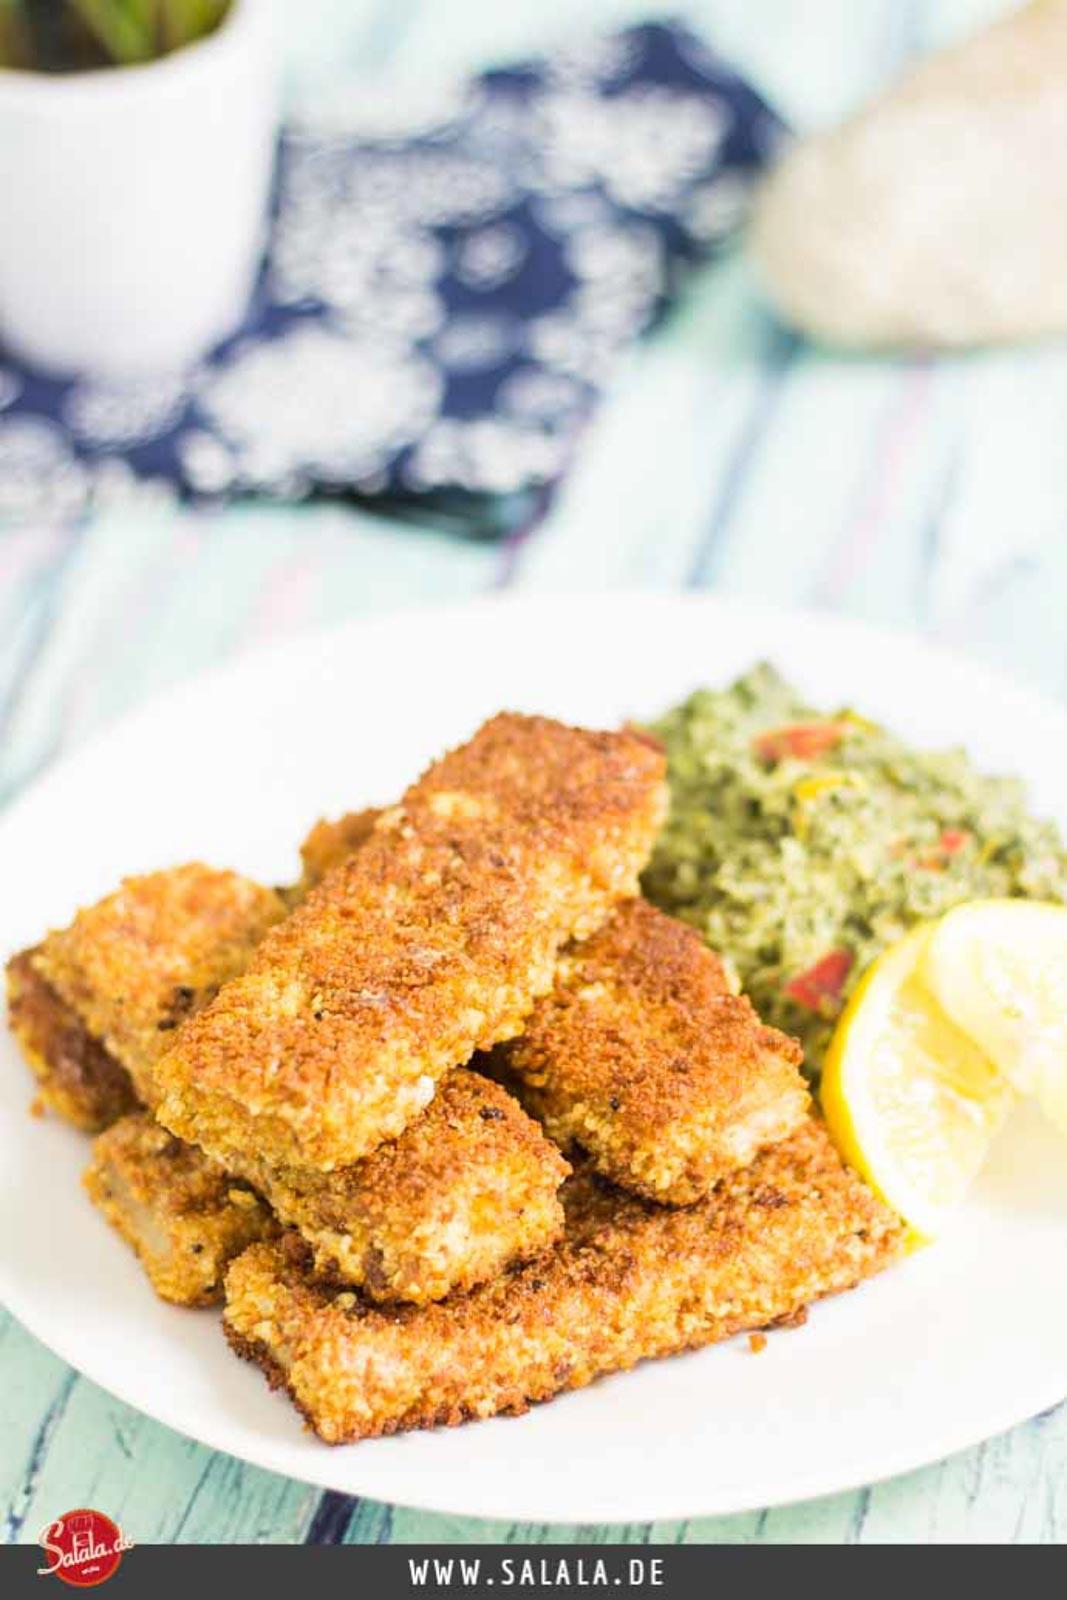 Fischstäbchen Low Carb Ketogen glutenfrei mit selbstgemachter Panade